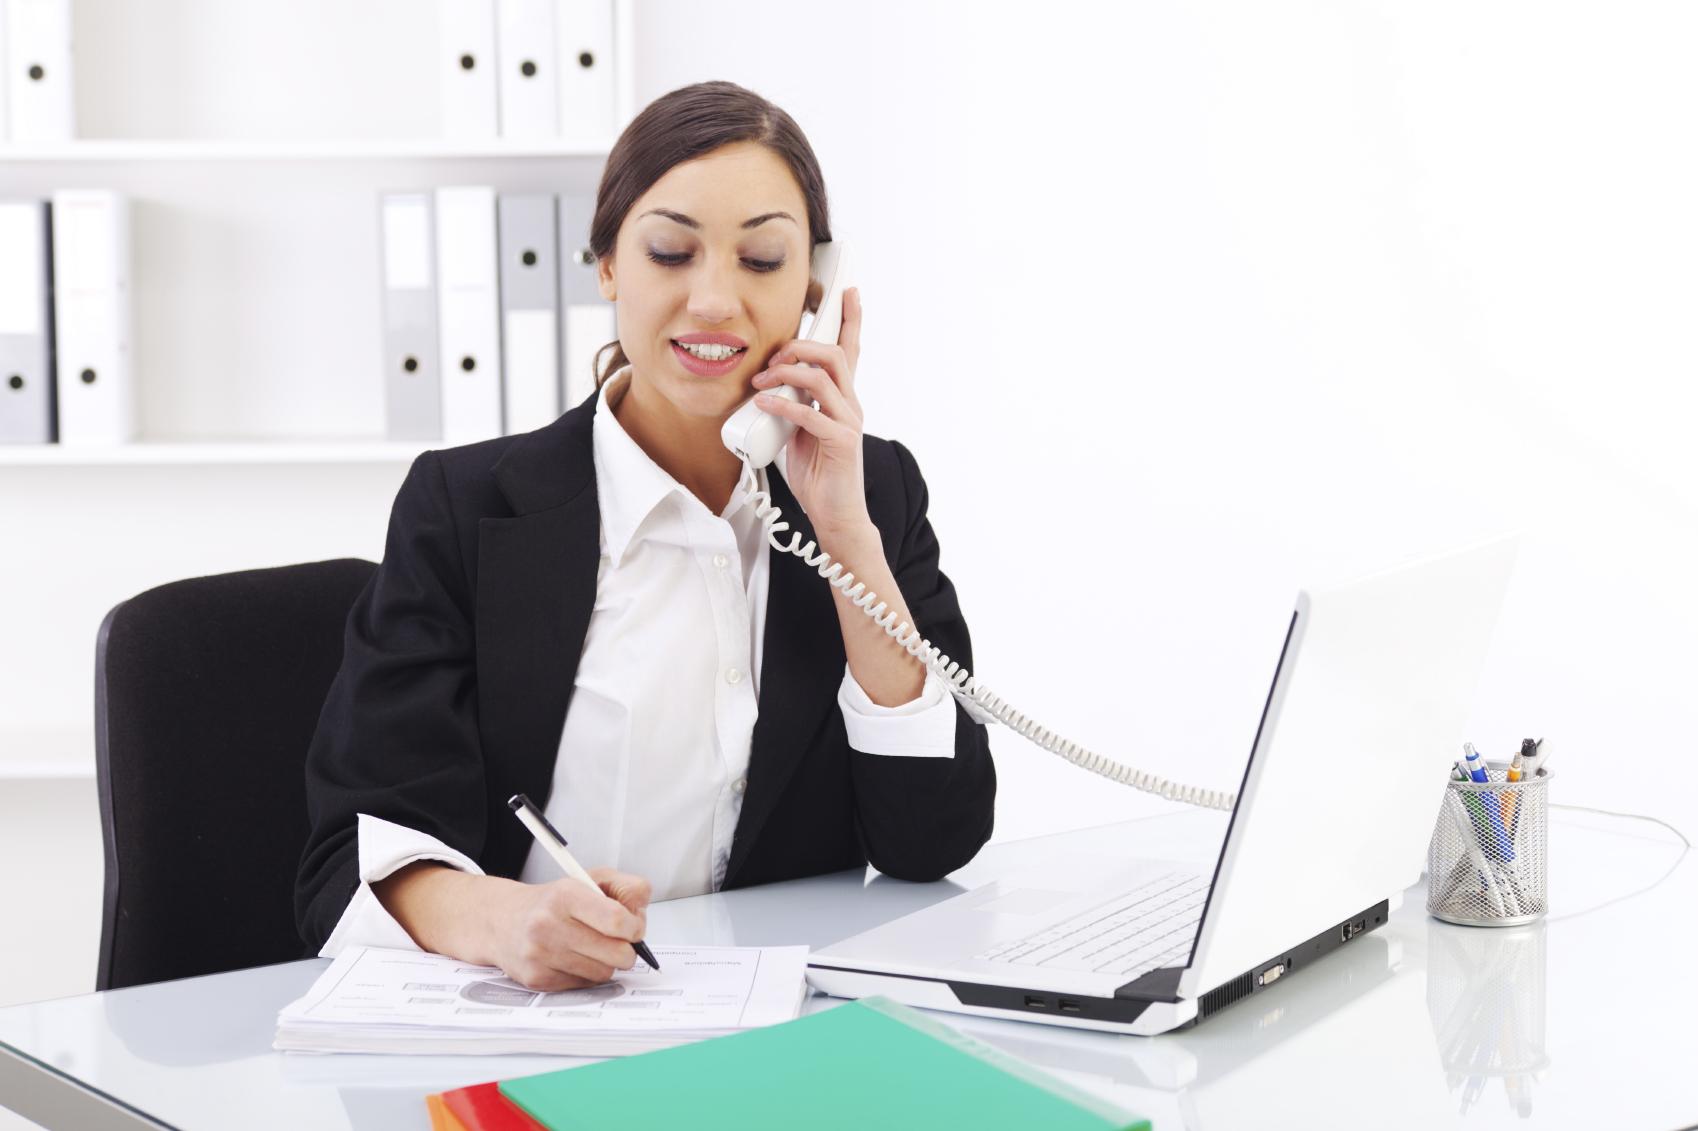 e48-32 customer service